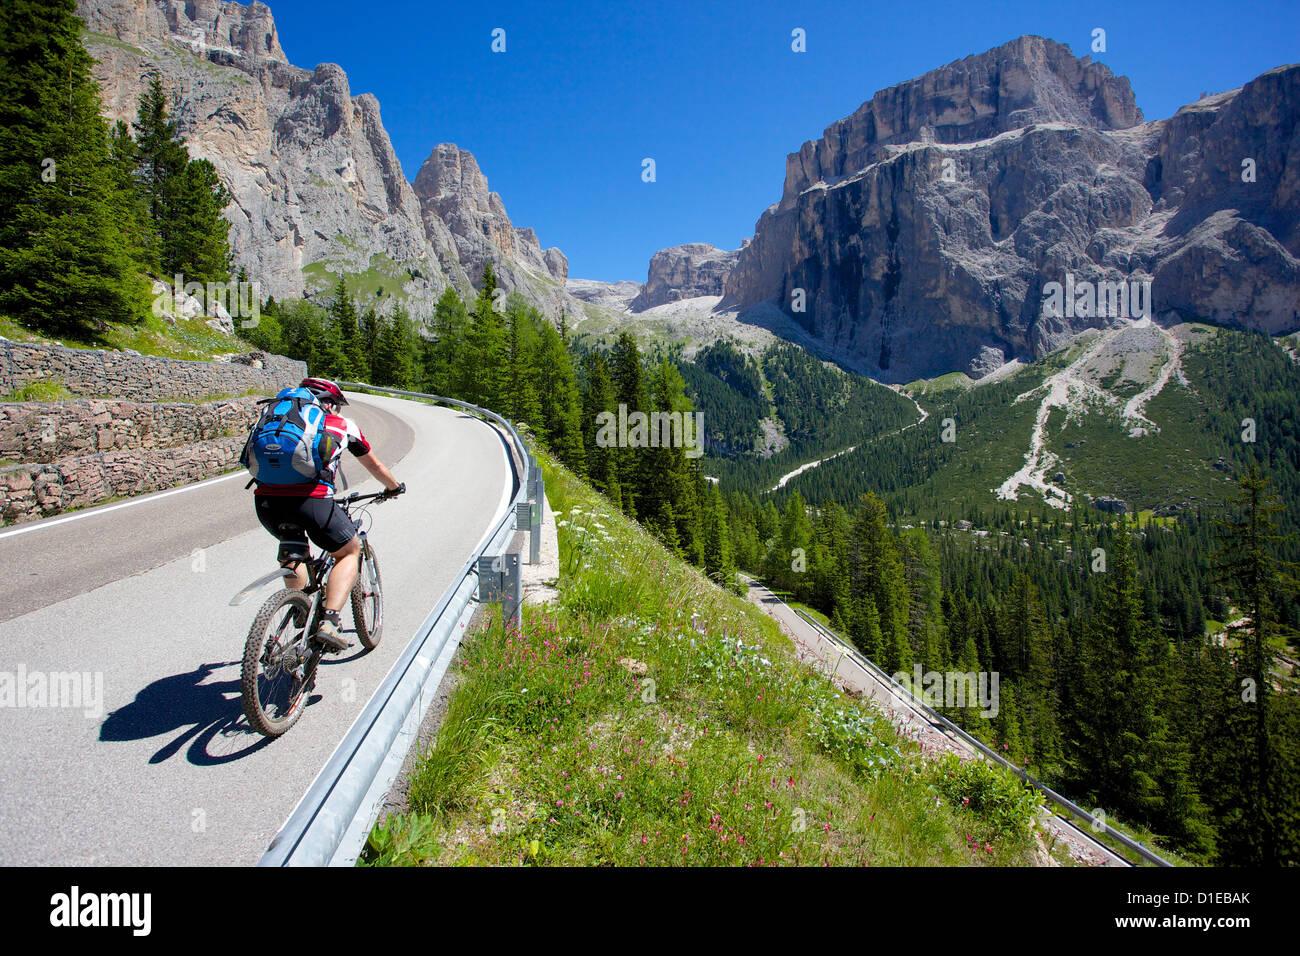 Cyclists, Sella Pass, Trento and Bolzano Provinces, Trentino Alto Adige/South Tyrol, Dolomites, Italy, Europe - Stock Image